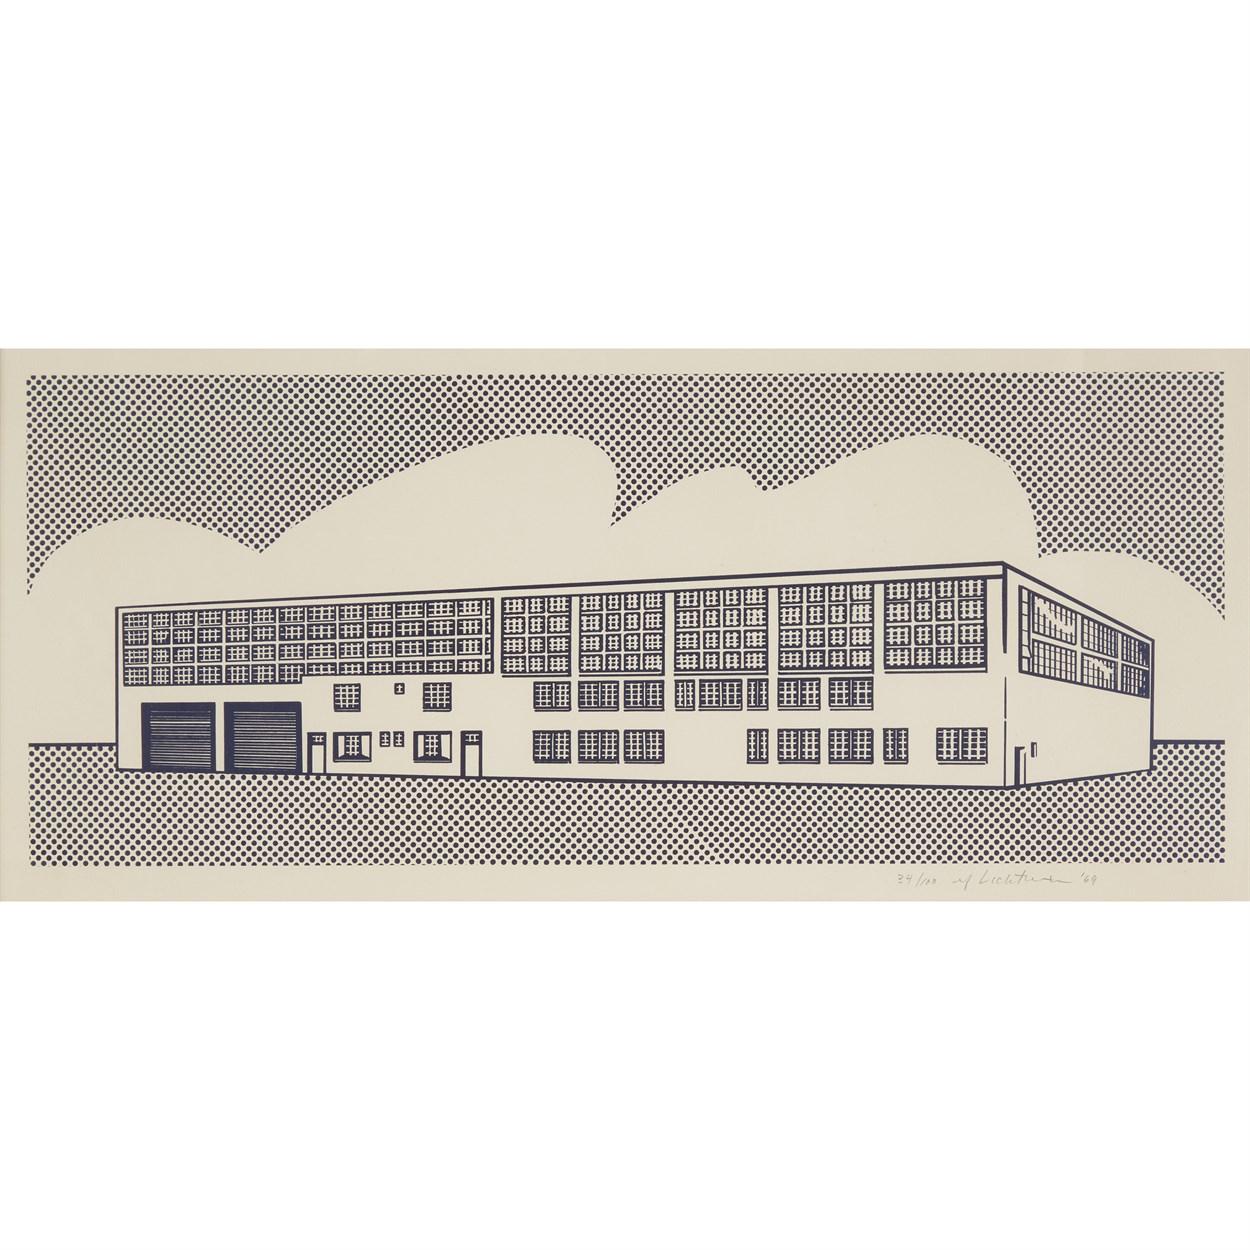 Lot 18 - Roy Lichtenstein (American, 1923-1997)